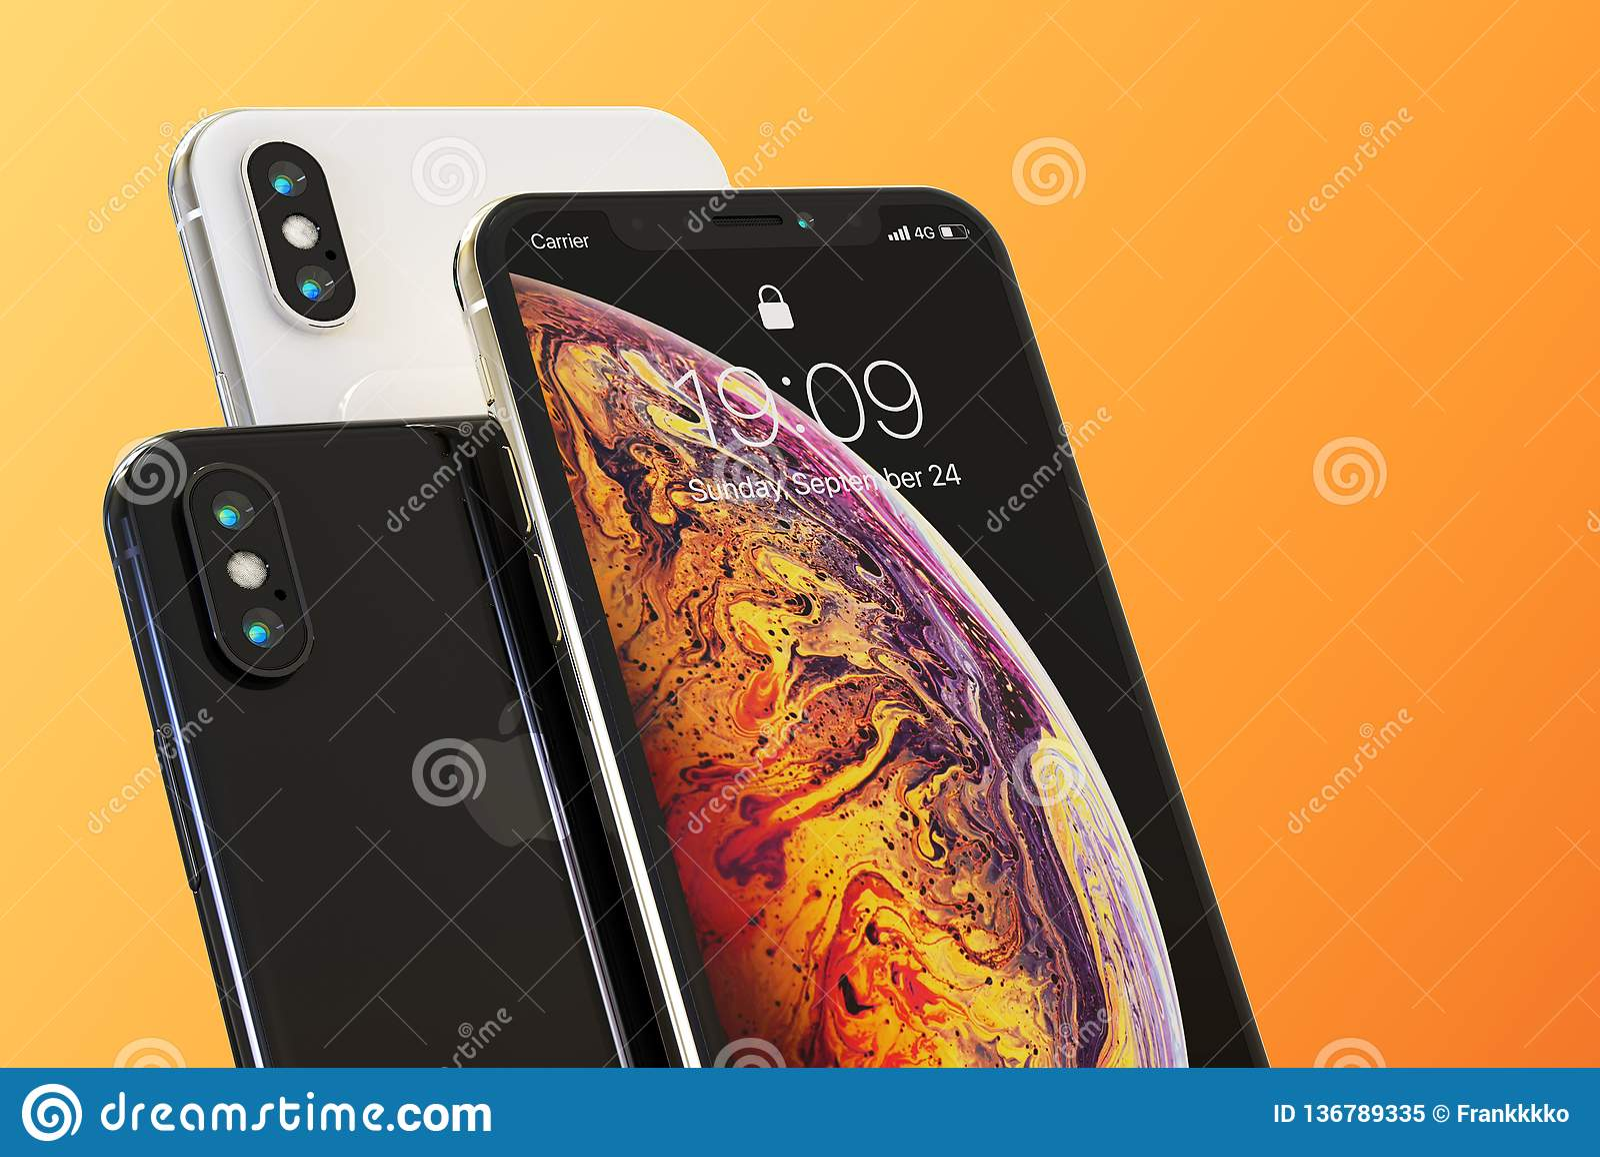 3苹果计算机iPhone XS智能手机构成